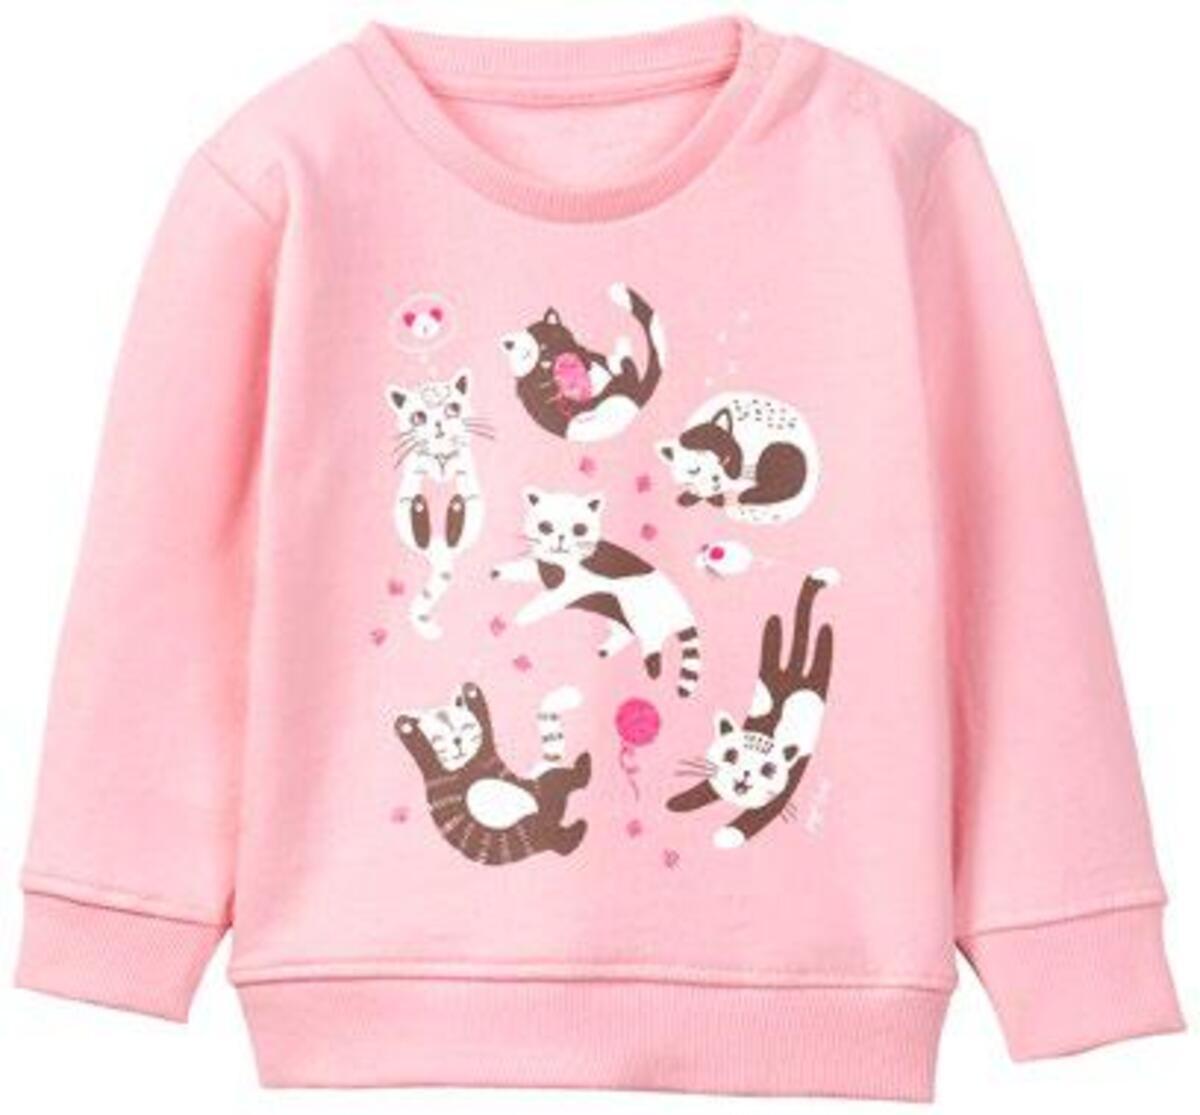 Bild 10 von Baby Sweatshirt